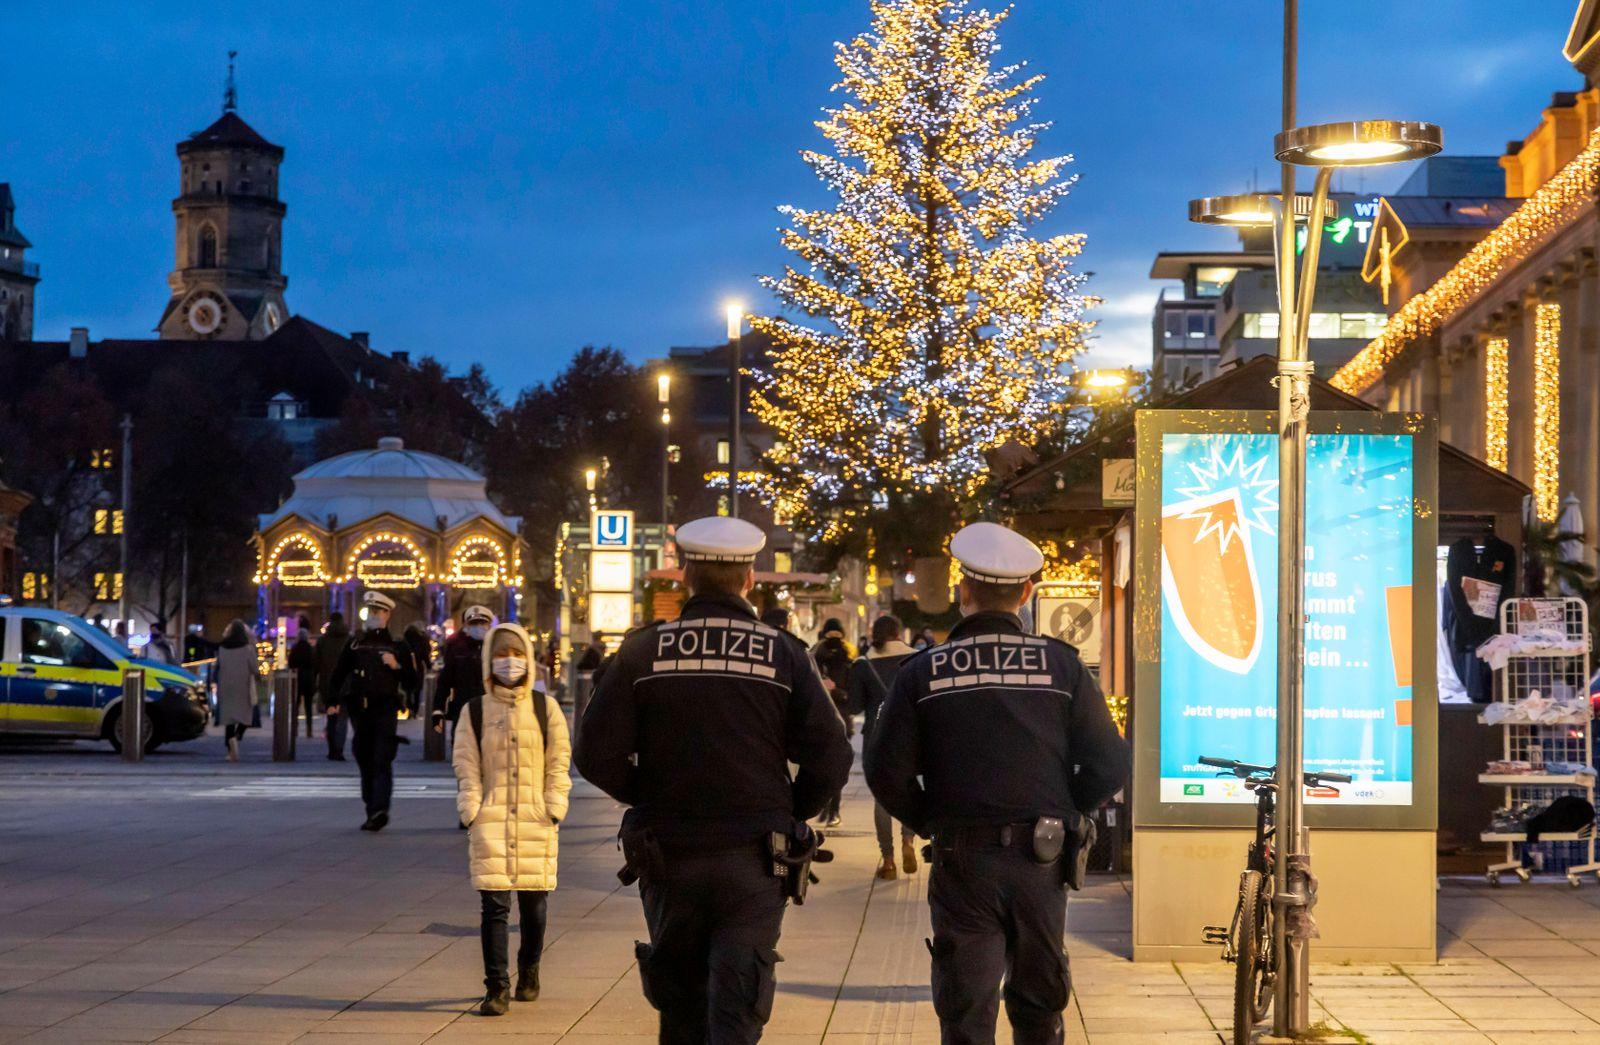 Weihnachts-Shopping in der Fu?g?ngerzone Stuttgart. Die Flaniermeile K?nigstra?e ist trotz Corona-Pandemie gut besucht.